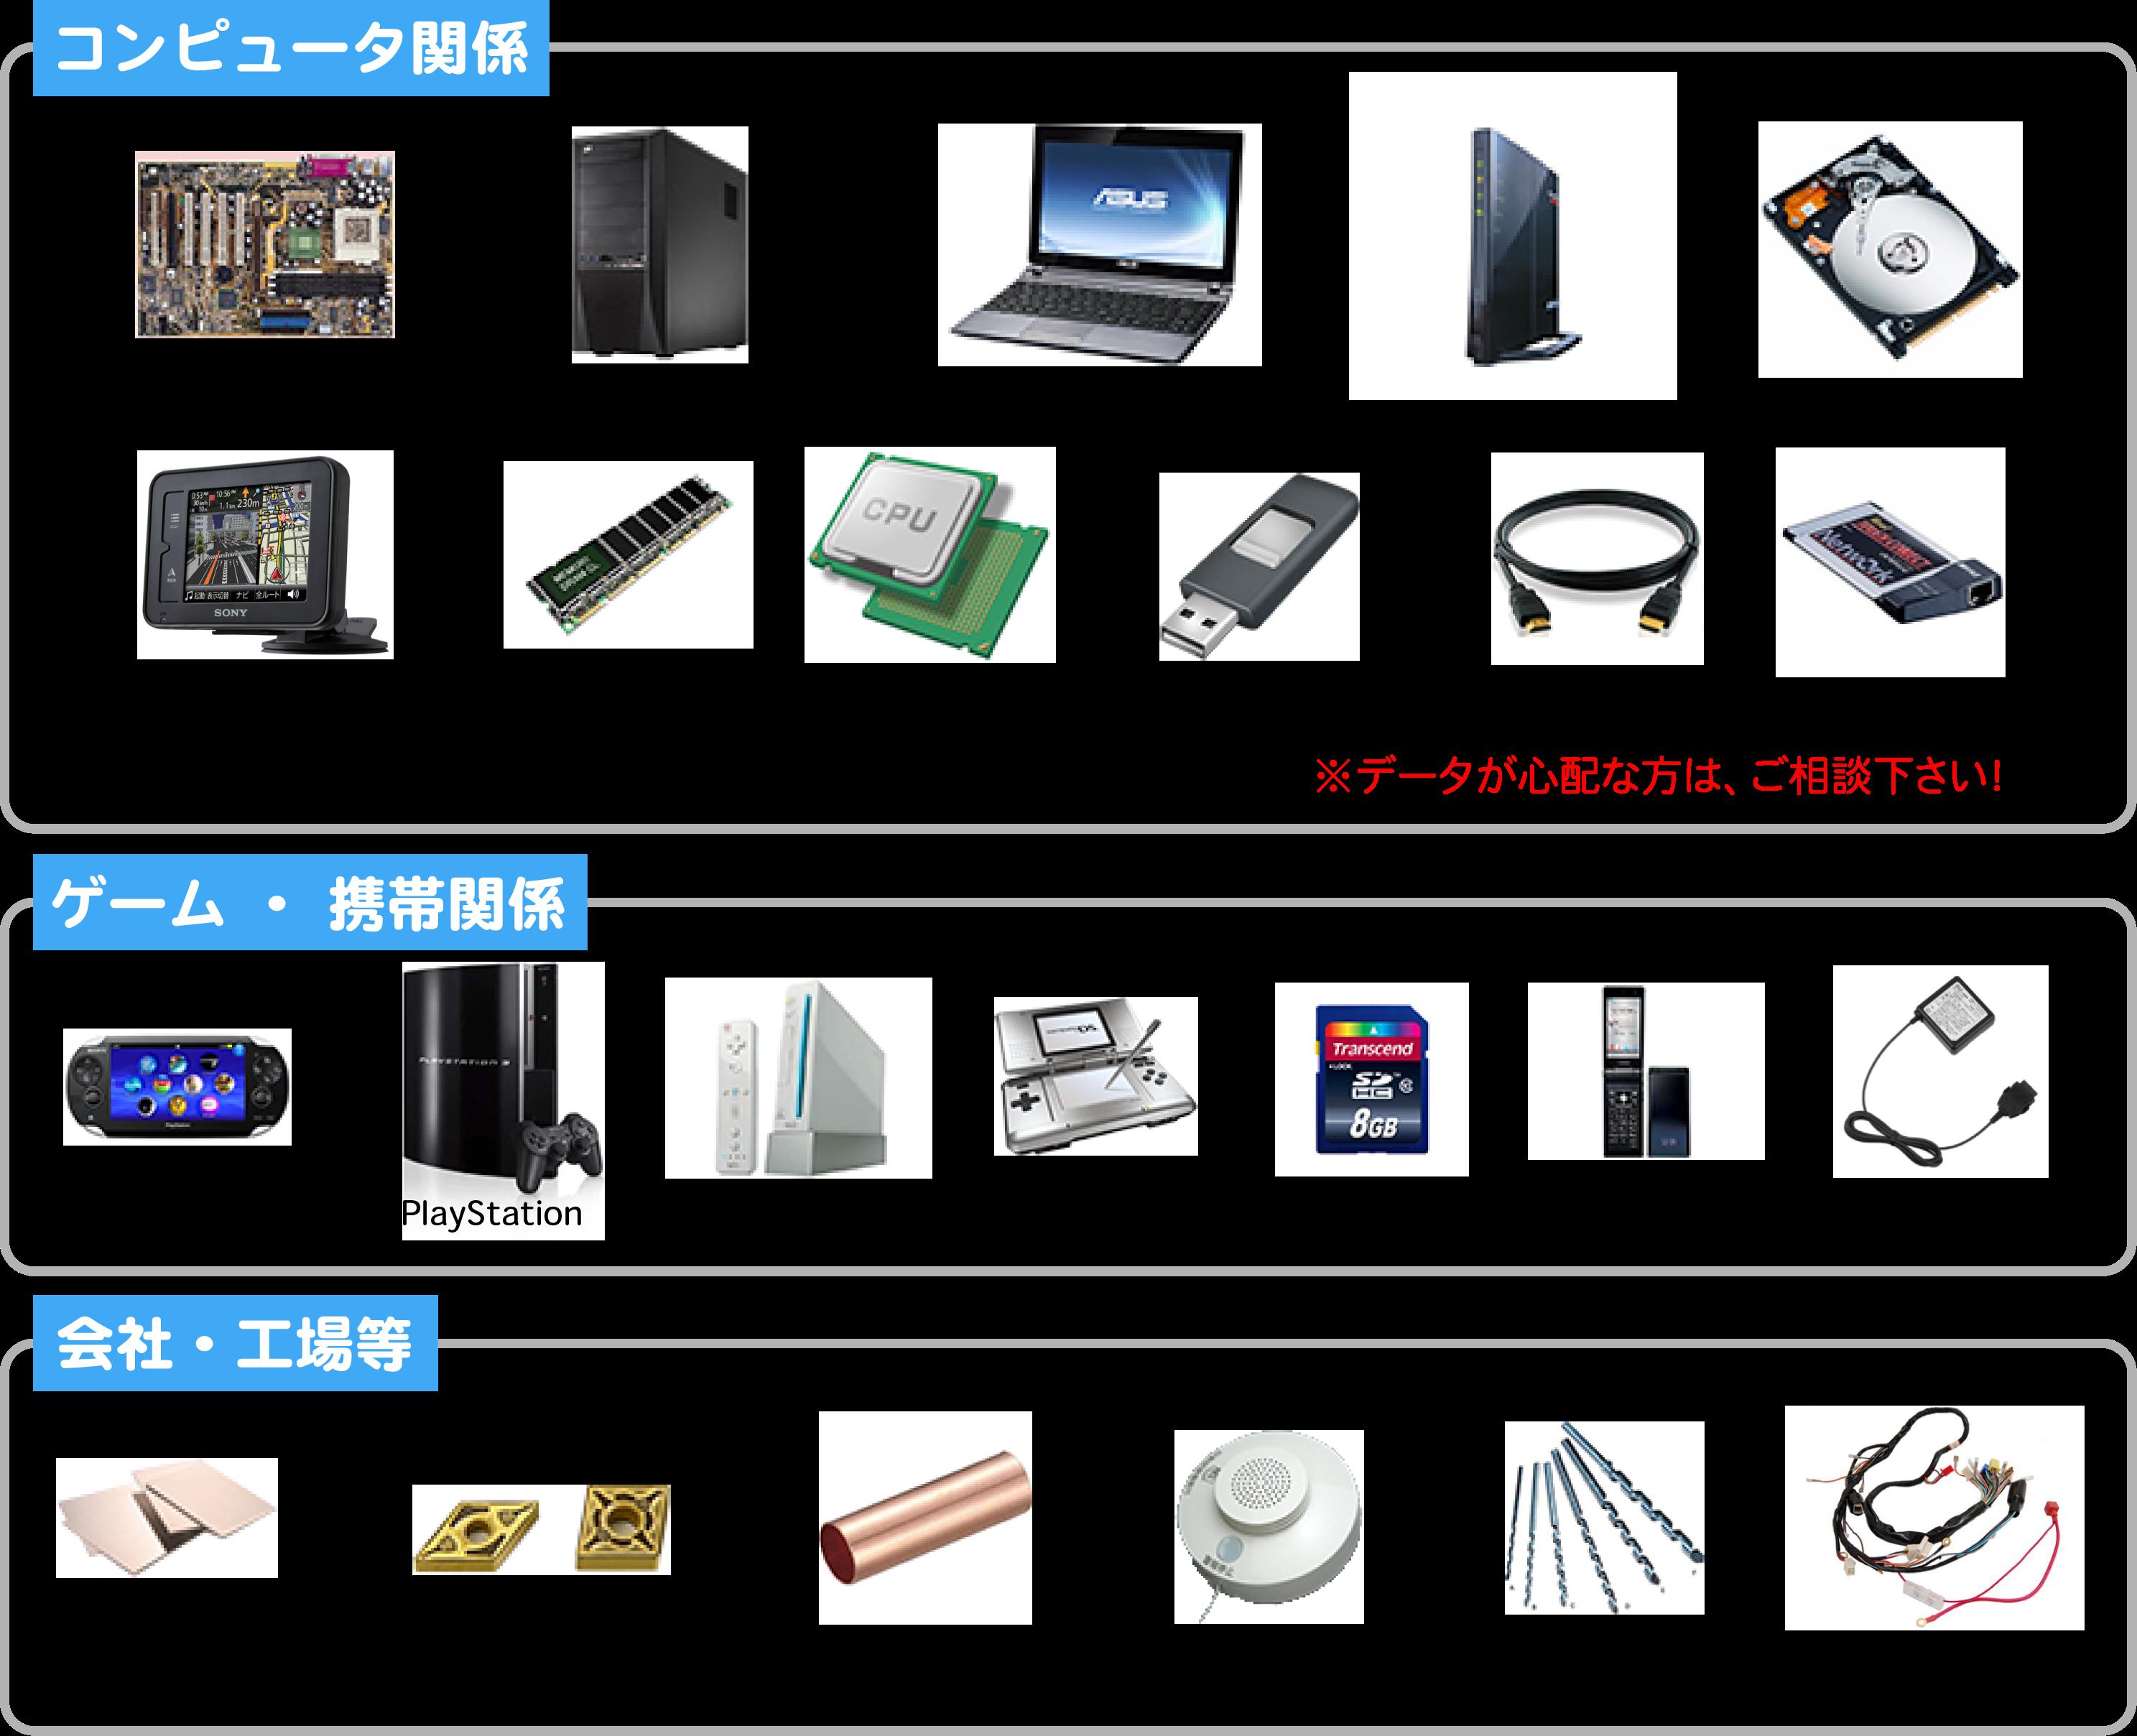 コンピュータ関係・ゲーム関係・携帯関係・会社、工場等